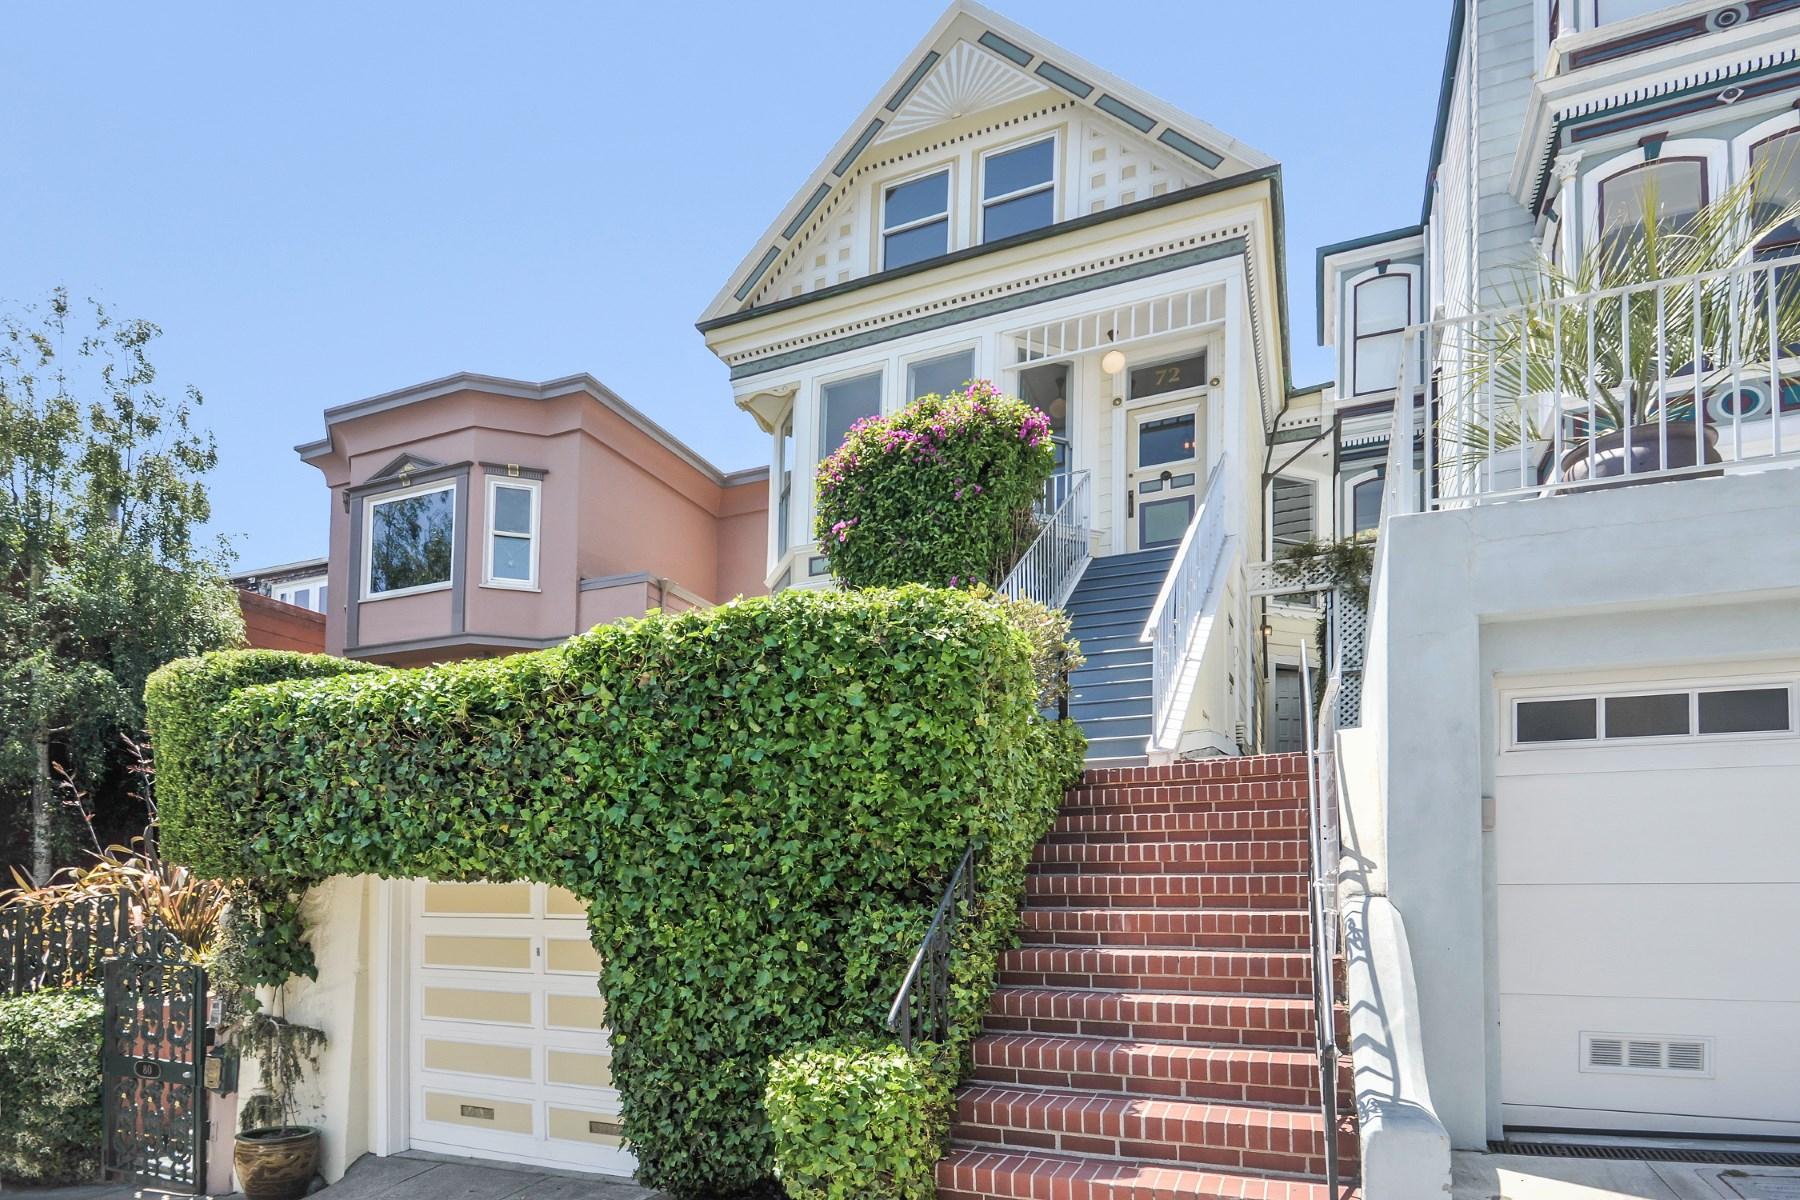 獨棟家庭住宅 為 出售 在 Historic Splendor, Airy Style, Views 72 Buena Vista Haight Ashbury, San Francisco, 加利福尼亞州, 94114 美國